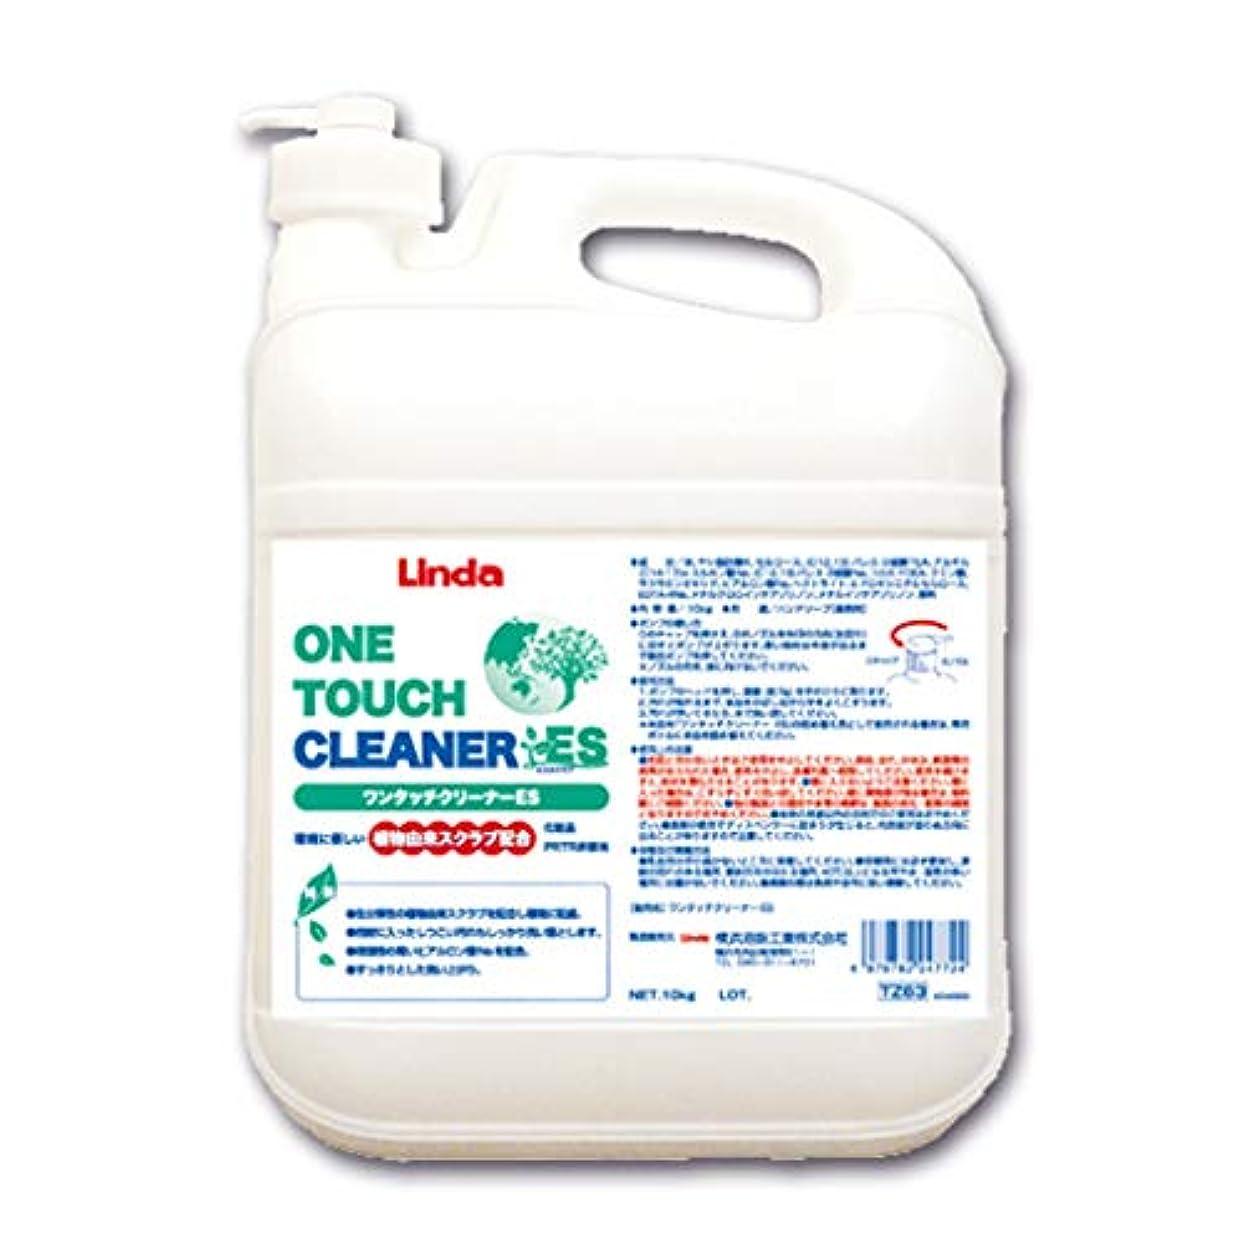 調整ライム洗うハンドクリーナー ワンタッチクリーナーES (10kg)